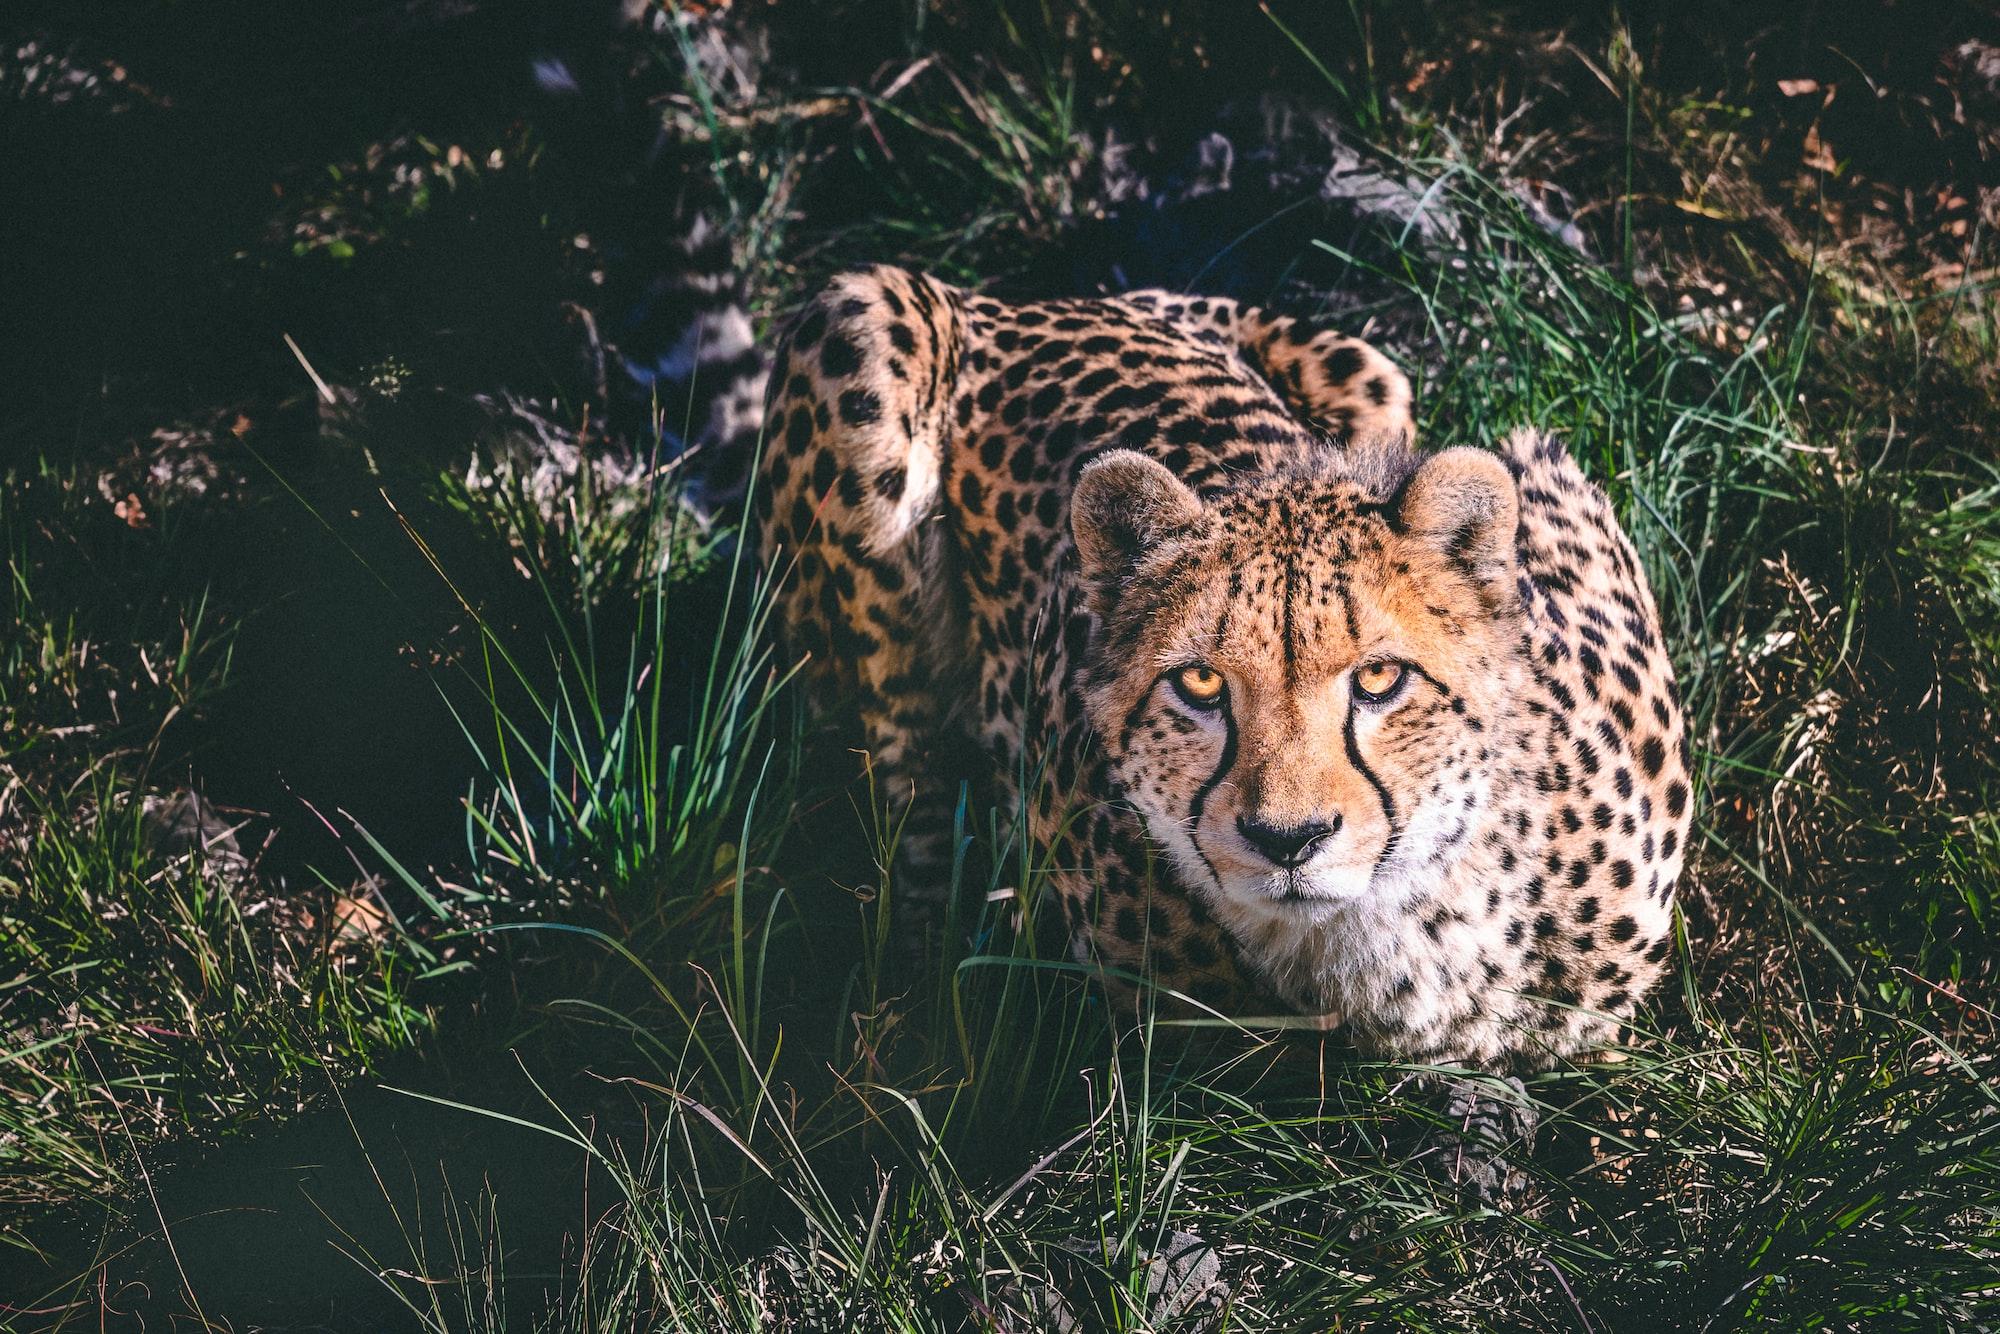 Work in sprints like a cheetah!